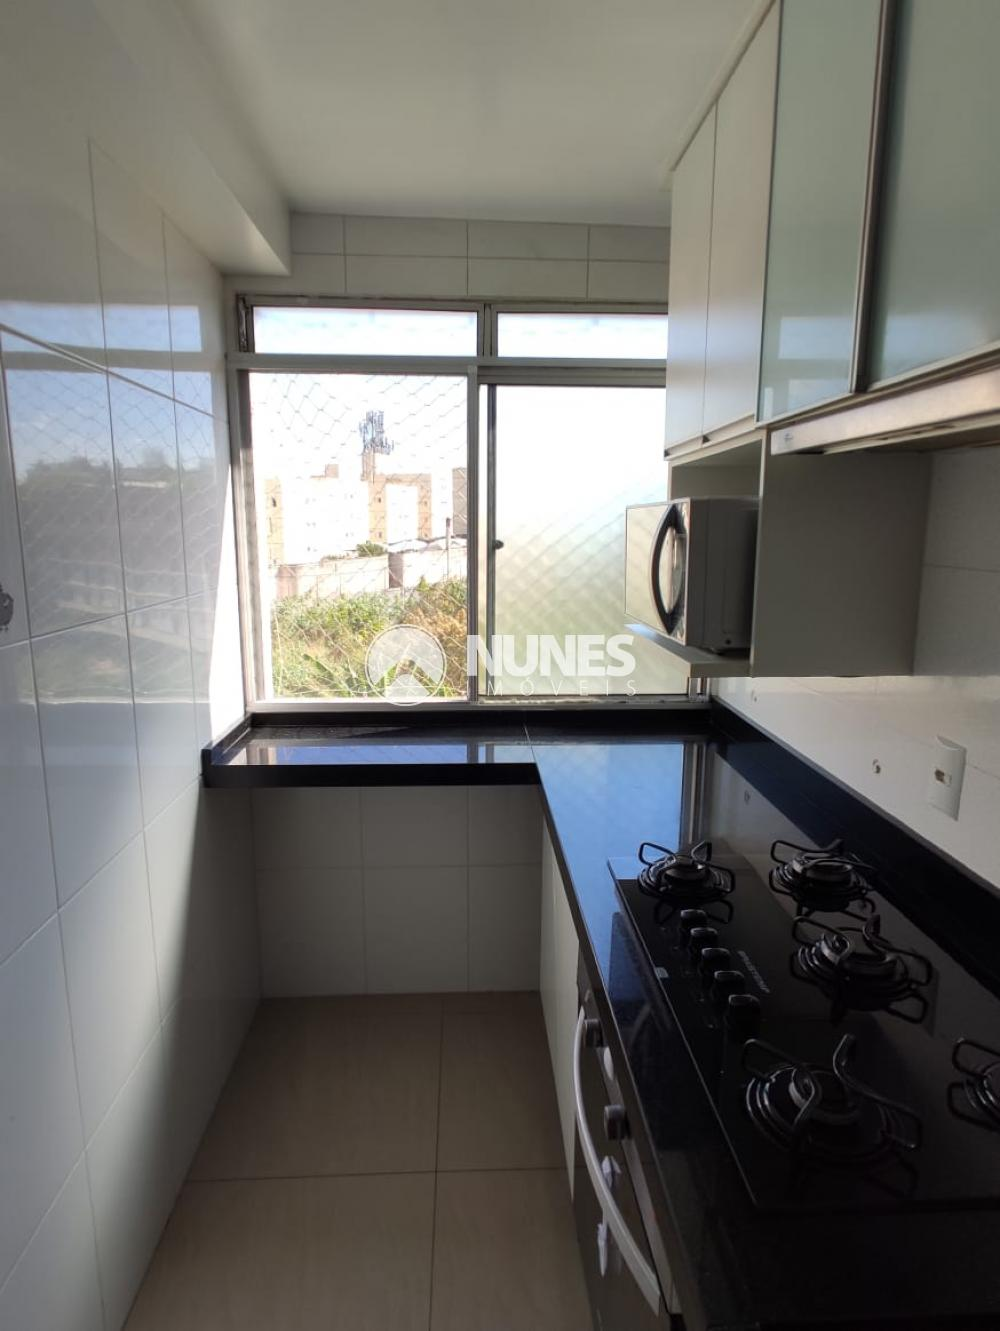 Comprar Apartamento / Padrão em Osasco apenas R$ 290.000,00 - Foto 8